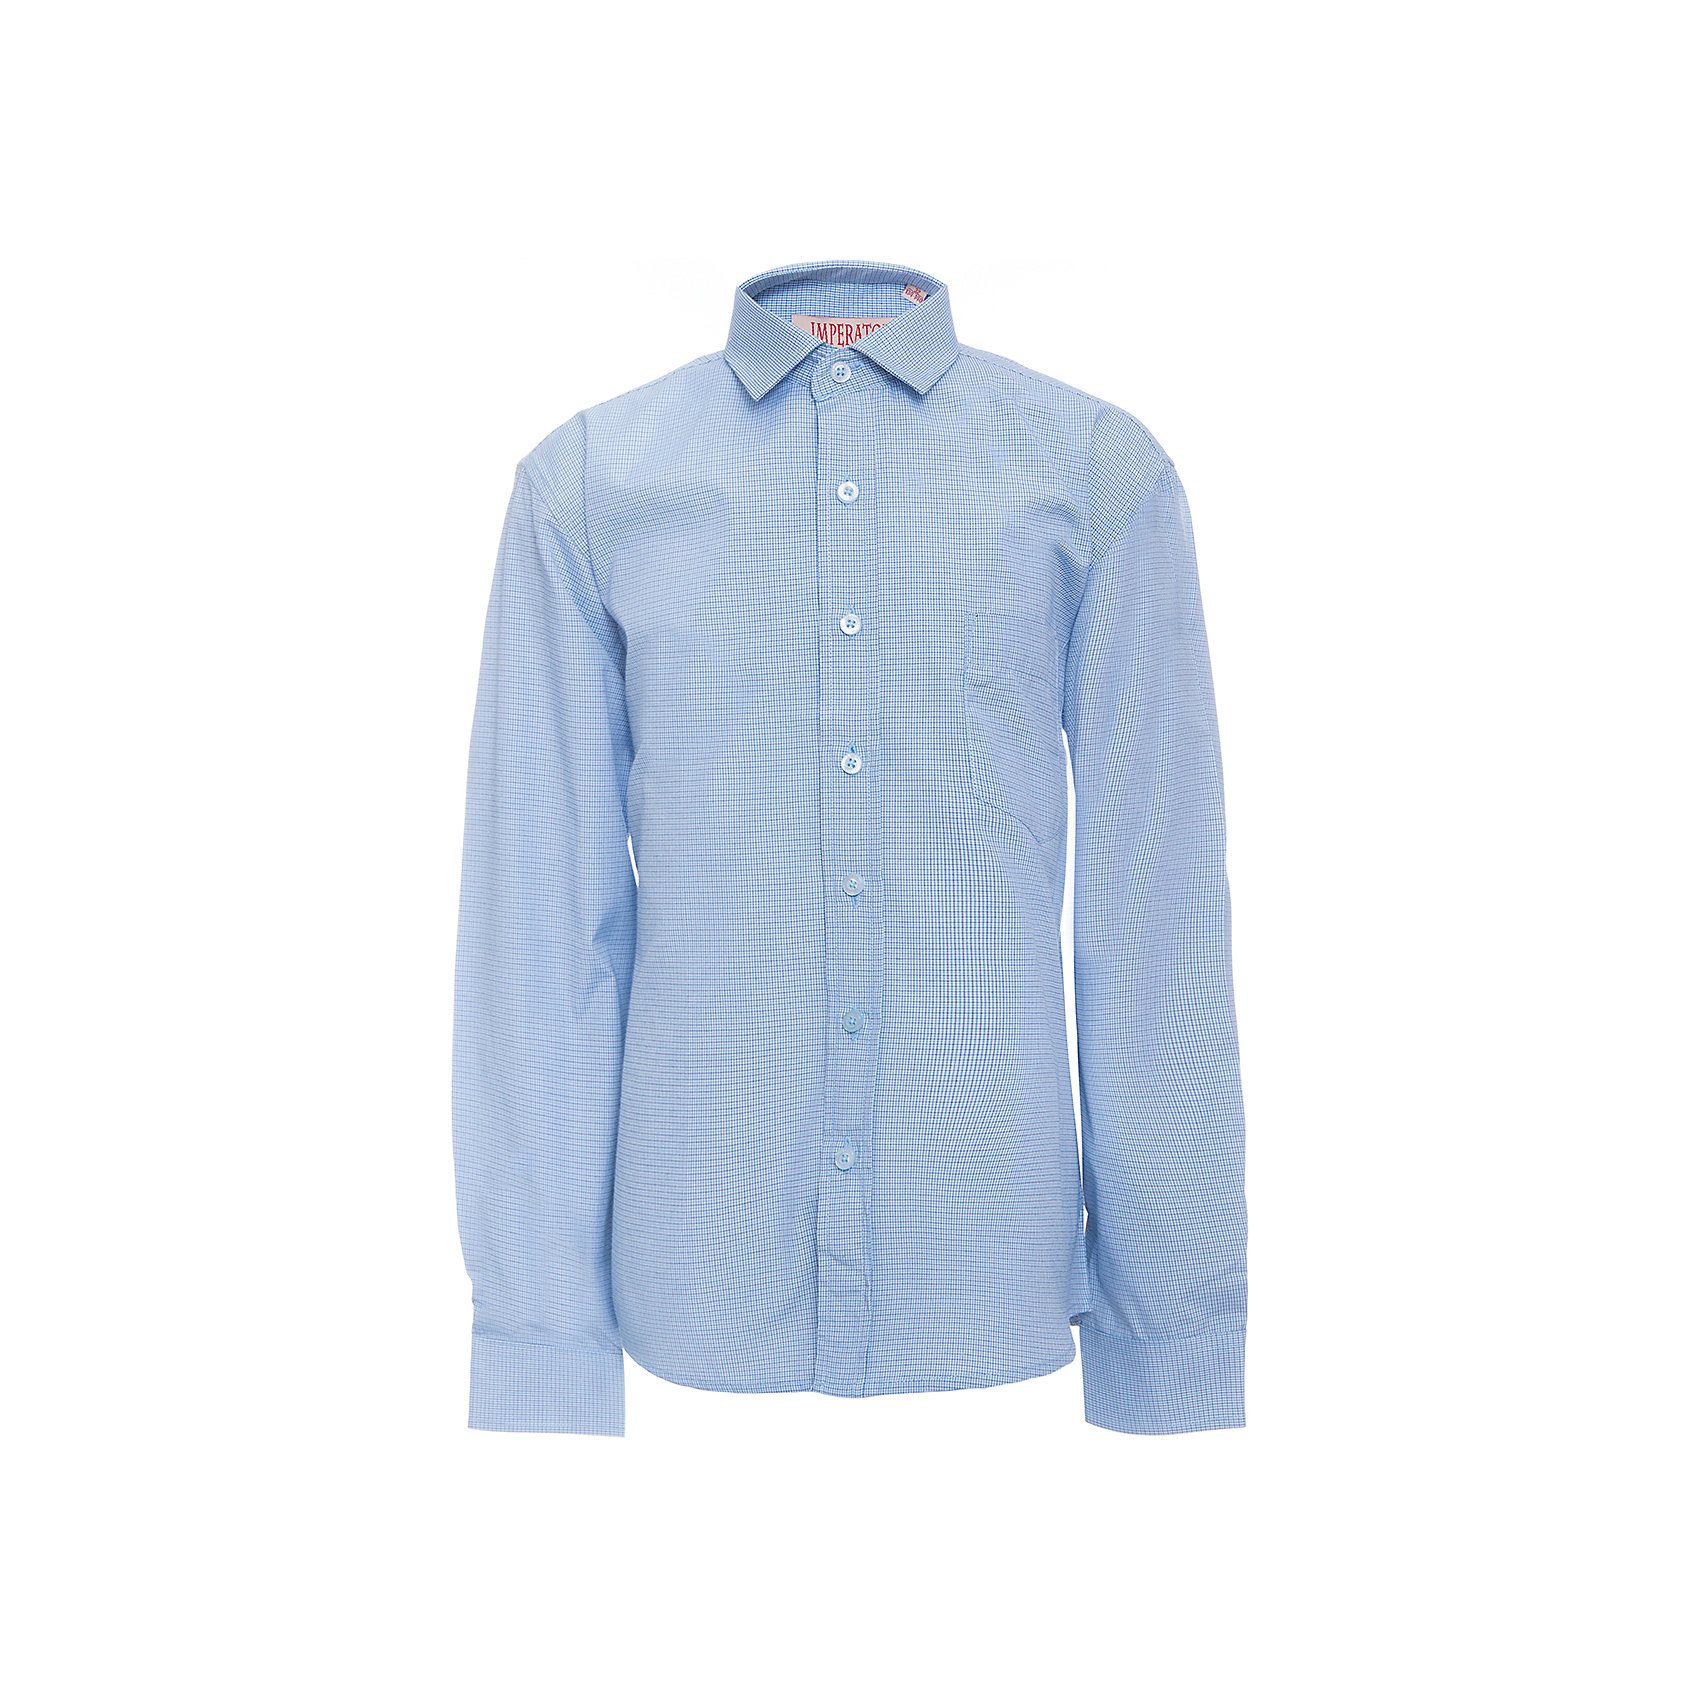 Рубашка для мальчика ImperatorБлузки и рубашки<br>Характеристики товара:<br><br>• цвет: голубой<br>• состав ткани: 65% хлопок, 35% полиэстер<br>• особенности: школьная, праздничная<br>• застежка: пуговицы<br>• рукава: длинные<br>• сезон: круглый год<br>• страна бренда: Российская Федерация<br>• страна изготовитель: Китай<br><br>Сорочка классического кроя для мальчика - отличный вариант практичной и стильной школьной одежды.<br><br>Накладной карман, свободный покрой, дышащая ткань с преобладанием хлопка - красиво и удобно.<br><br>Рубашку для мальчика Imperator (Император) можно купить в нашем интернет-магазине.<br><br>Ширина мм: 174<br>Глубина мм: 10<br>Высота мм: 169<br>Вес г: 157<br>Цвет: синий<br>Возраст от месяцев: 120<br>Возраст до месяцев: 132<br>Пол: Мужской<br>Возраст: Детский<br>Размер: 146/152,152/158,152/158,158/164,164/170,122/128,128/134,134/140,140/146,146/152<br>SKU: 6860787